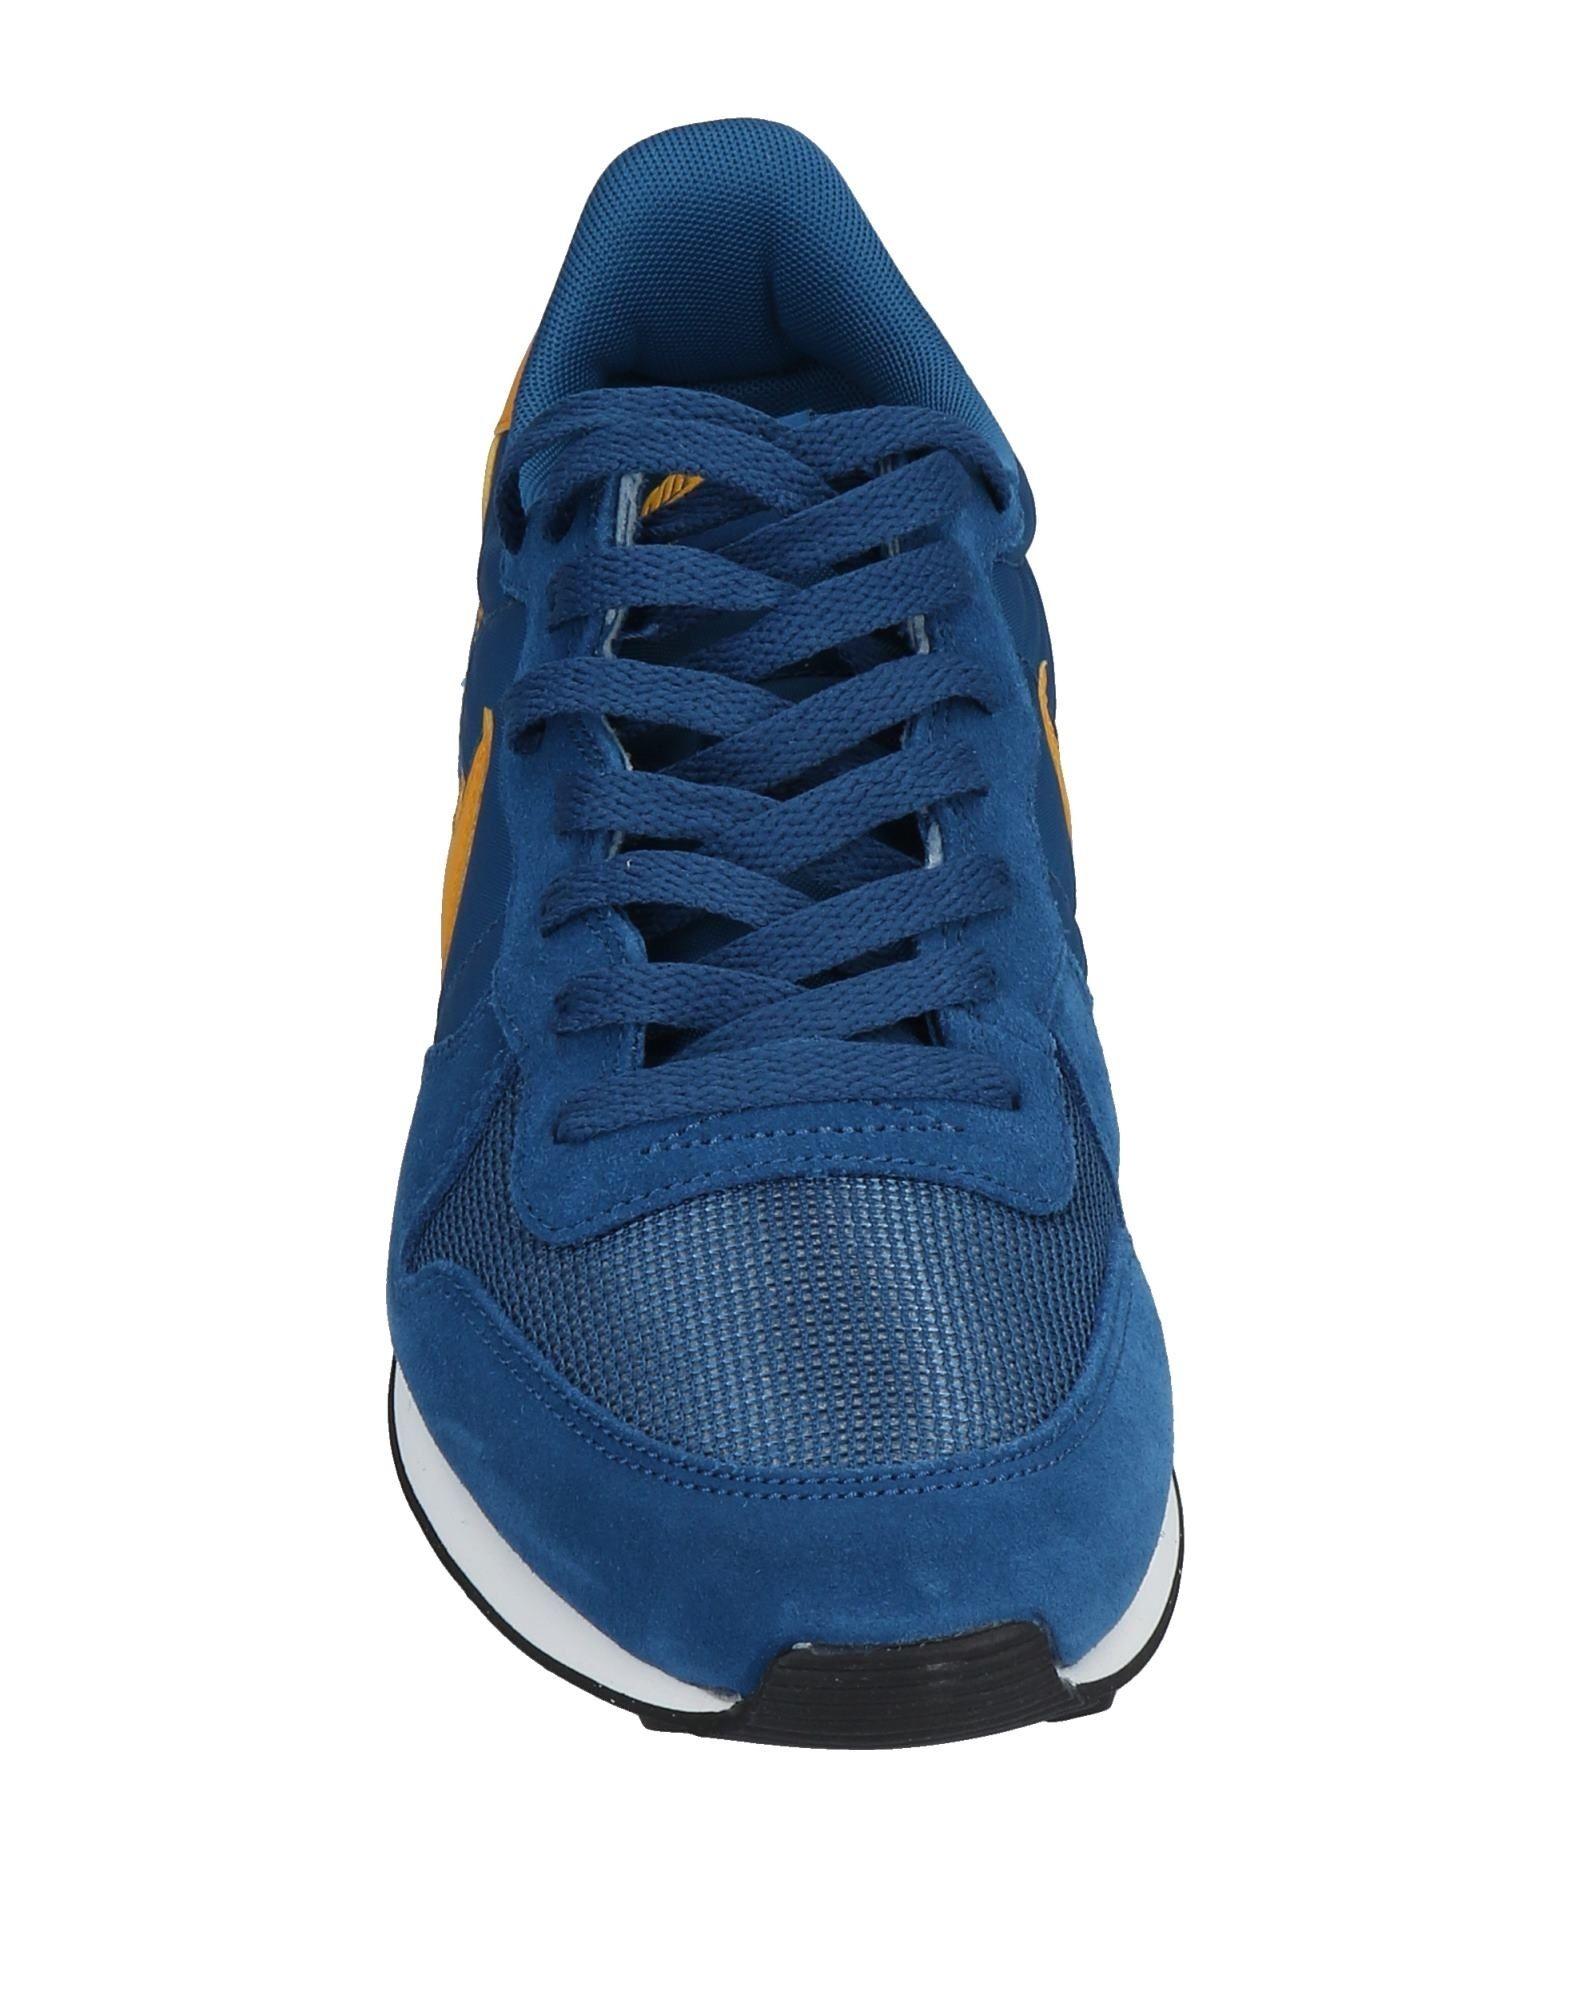 11496549UE Nike Sneakers Herren  11496549UE  Heiße Schuhe 1c240e